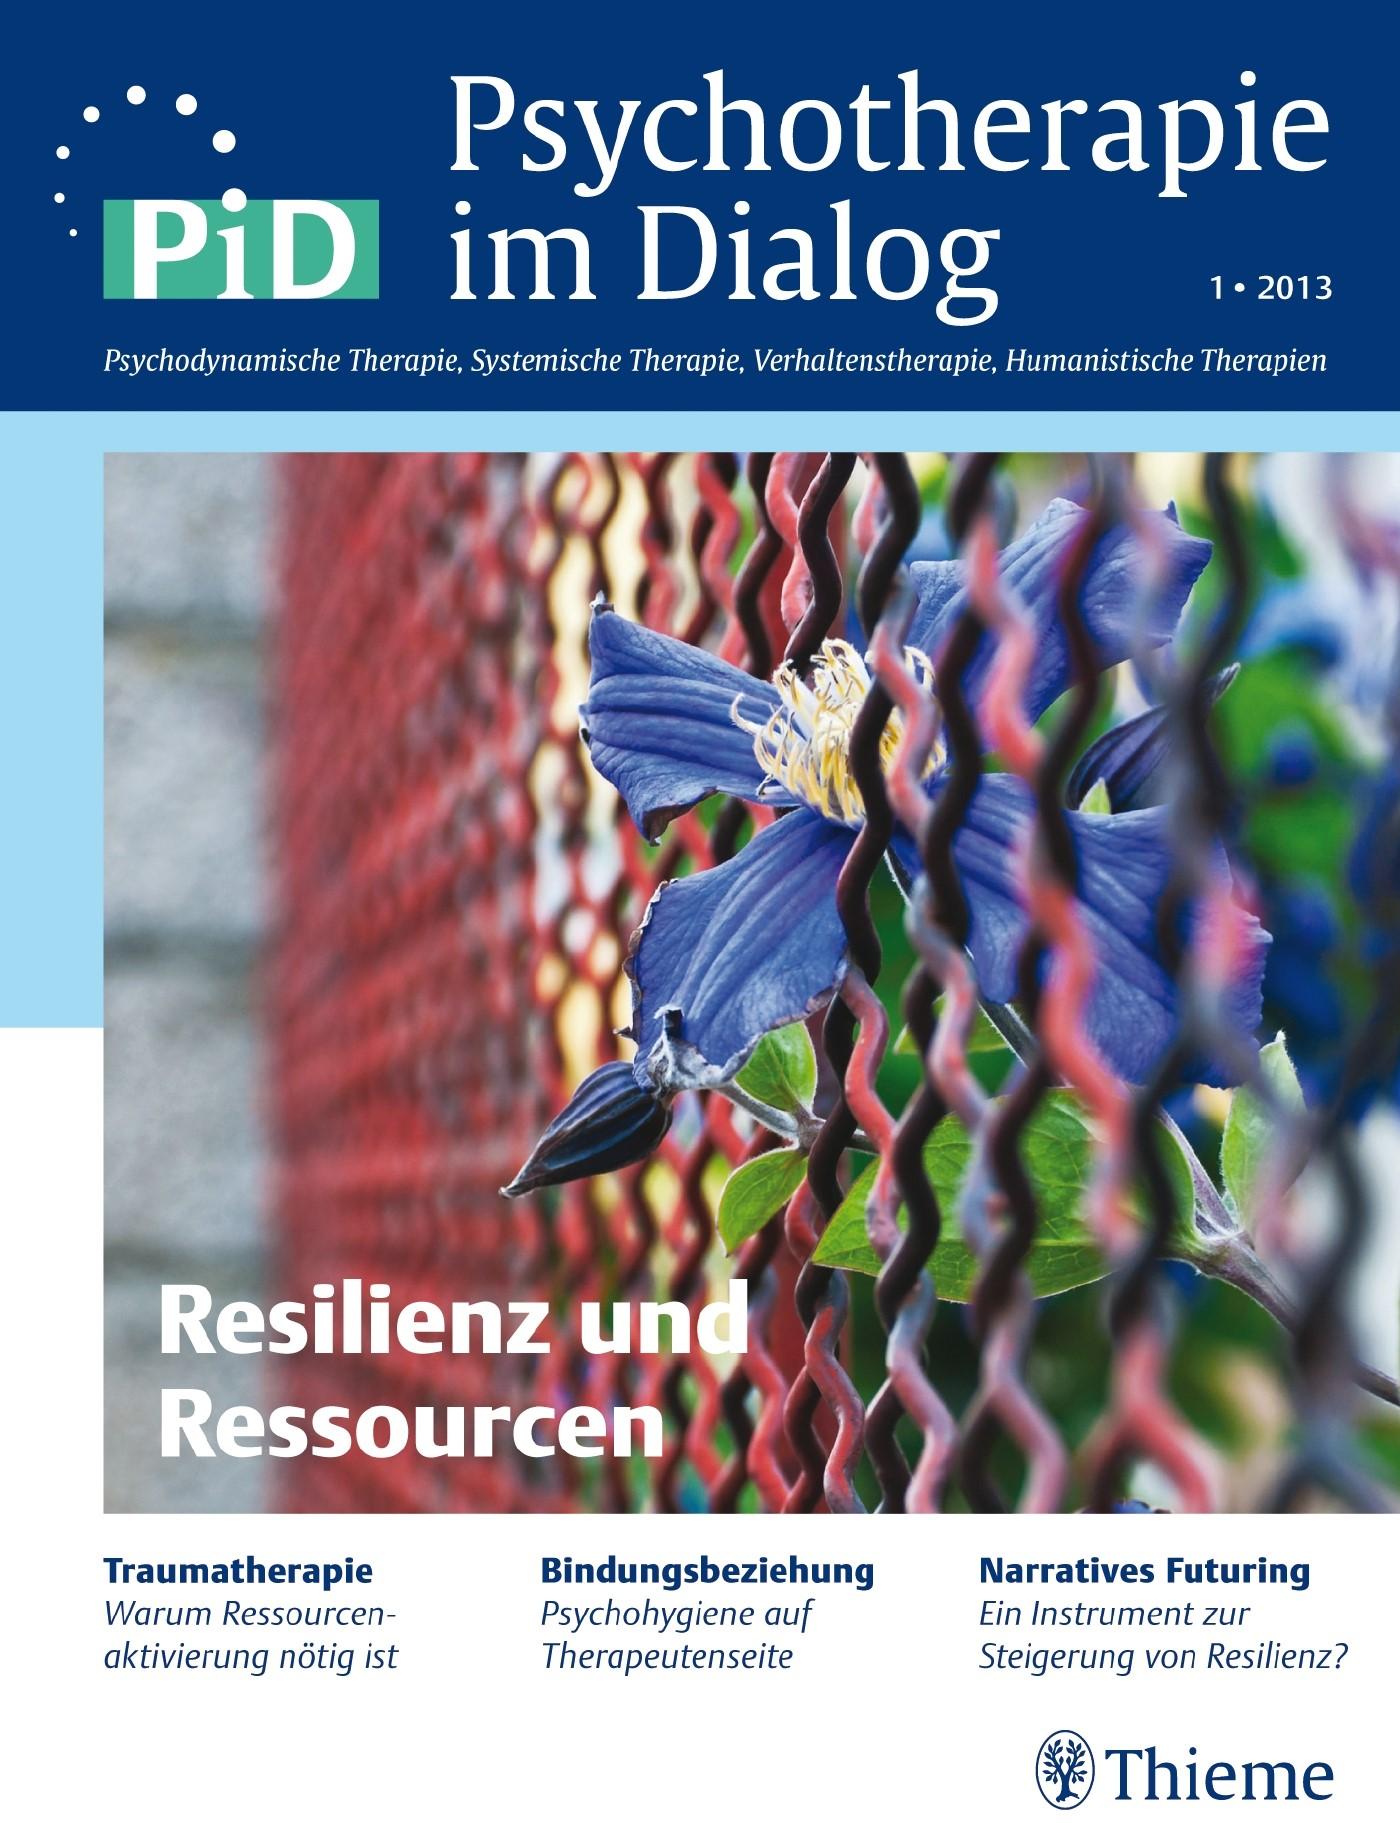 Psychotherapie im Dialog - Resilienz und Ressourcen | Borcsa / Stein, 2013 | Buch (Cover)